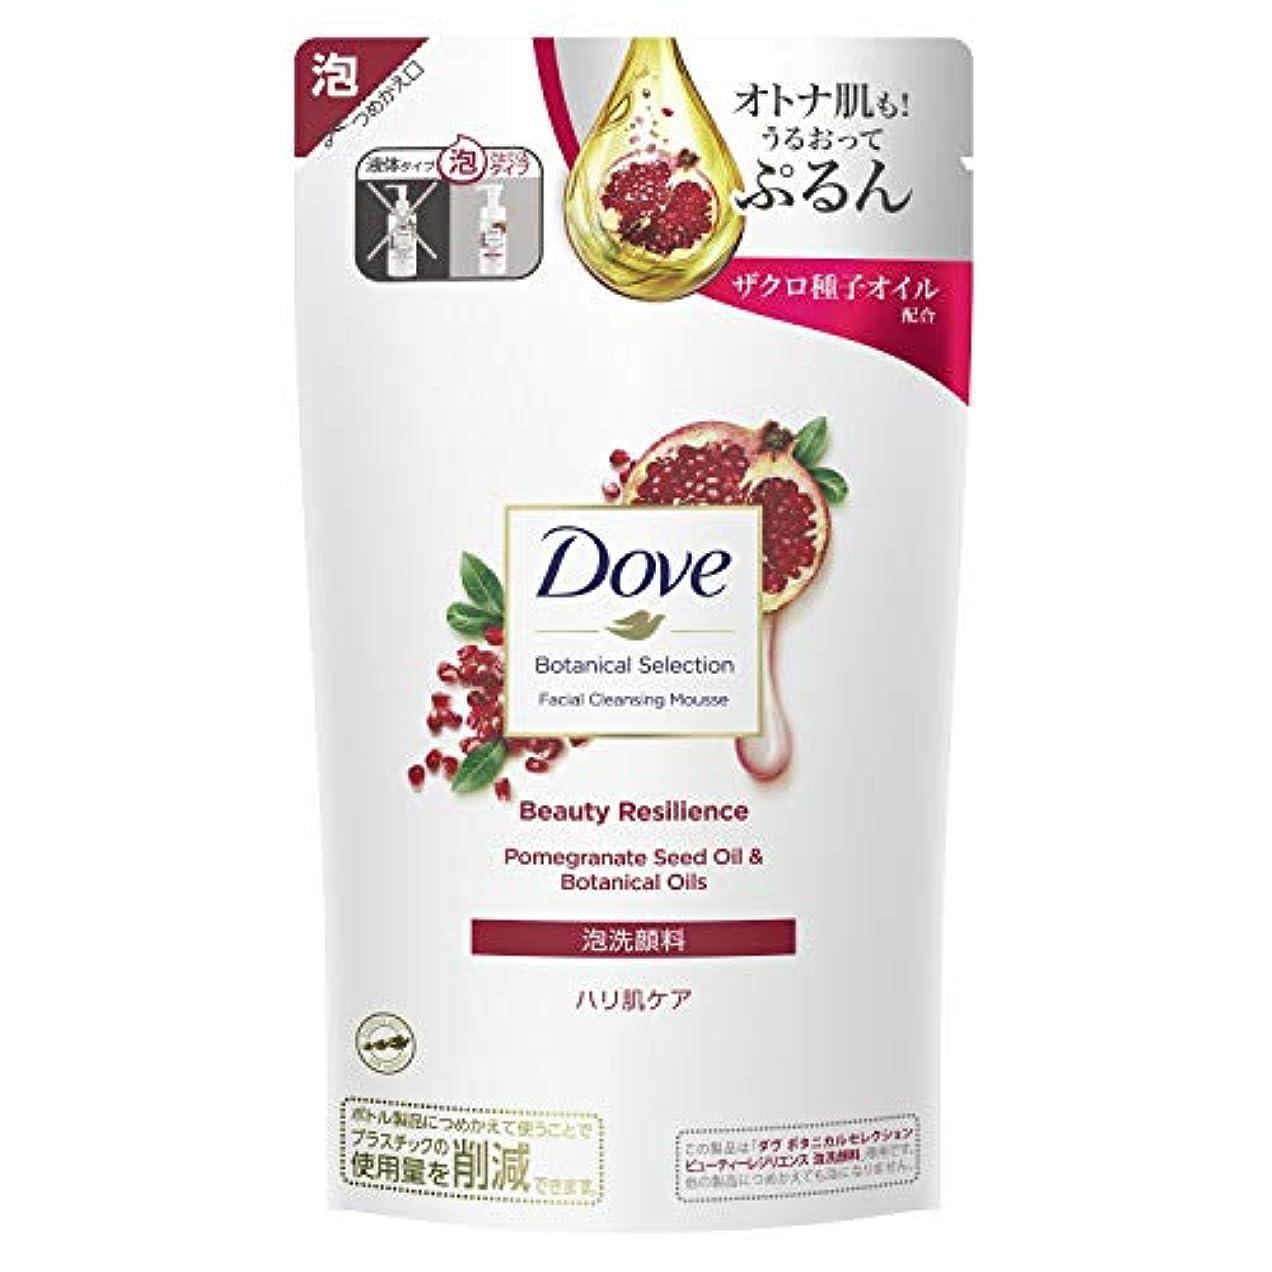 長々とトピック一見Dove(ダヴ) ダヴ ボタニカルセレクション ビューティーレジリエンス 泡洗顔料 つめかえ用 135mL